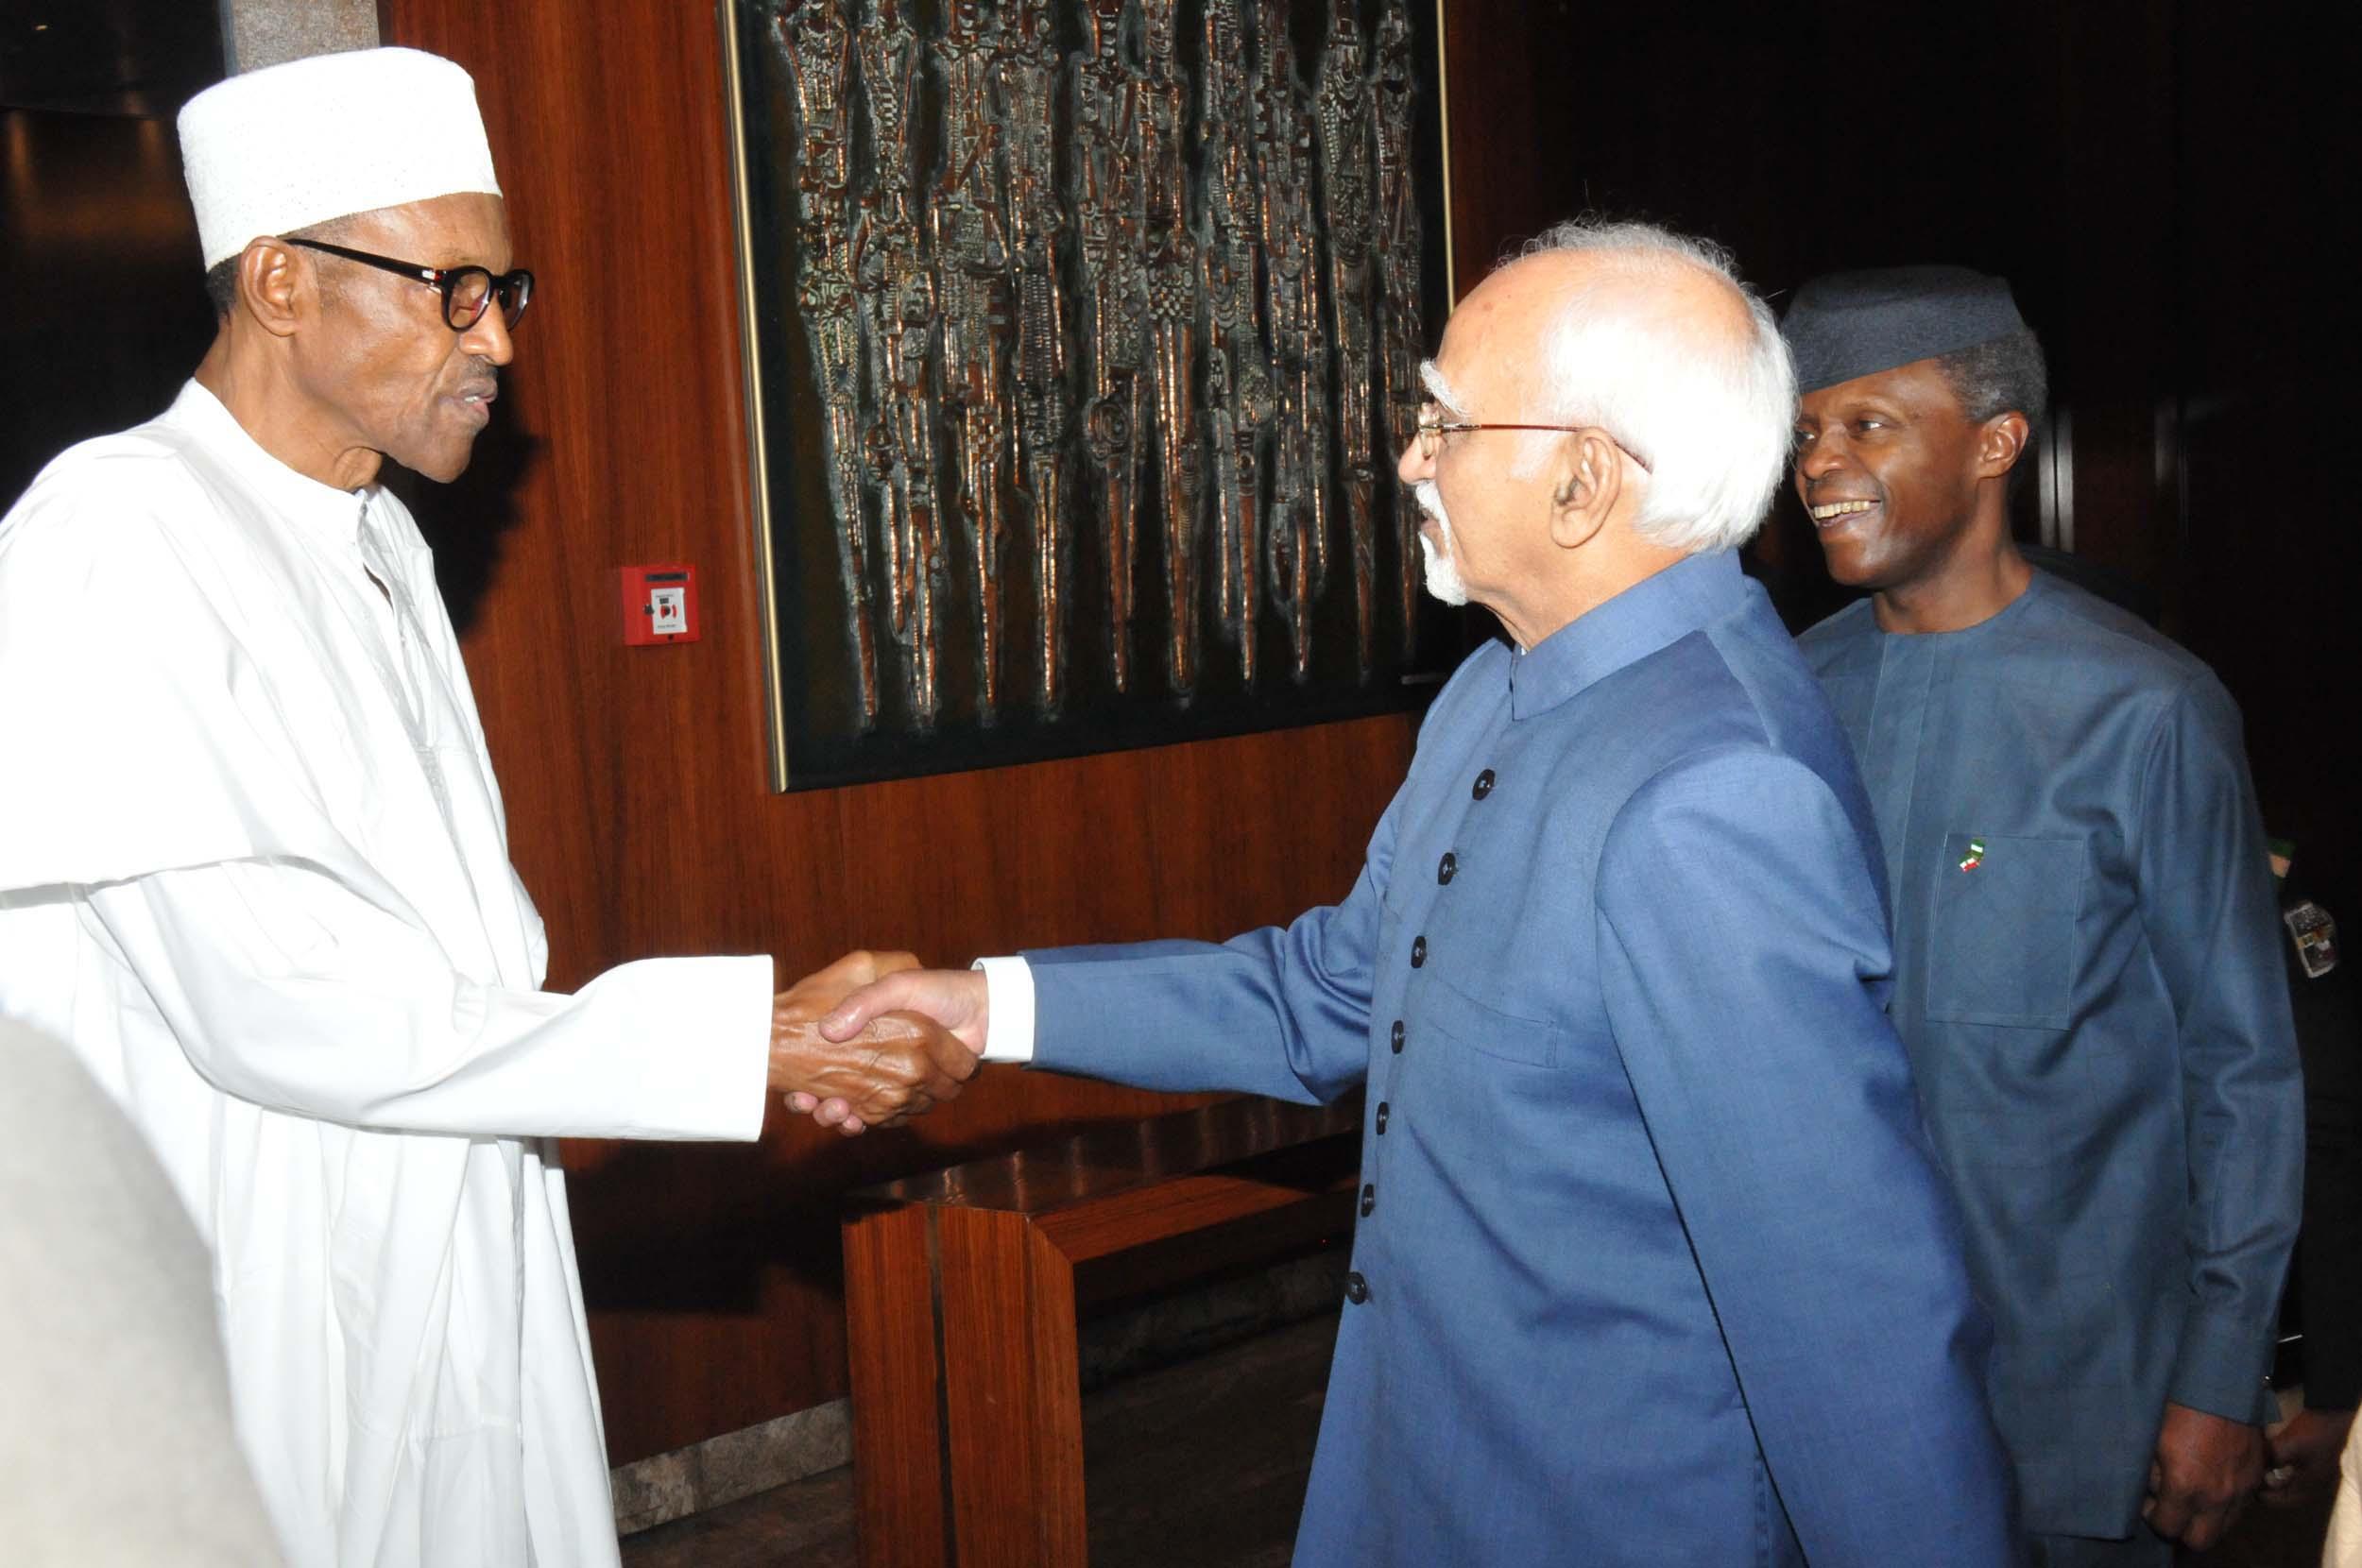 Der nigerianische Staatspräsident Buhari (links) empfängt den indischen Vizepräsidenten Hamid Ansari (mittig) im September 2016 im nigerianischen Abudscha ; rechts steht der nigerianische Vizepräsident Oluyemi Osinbajo.